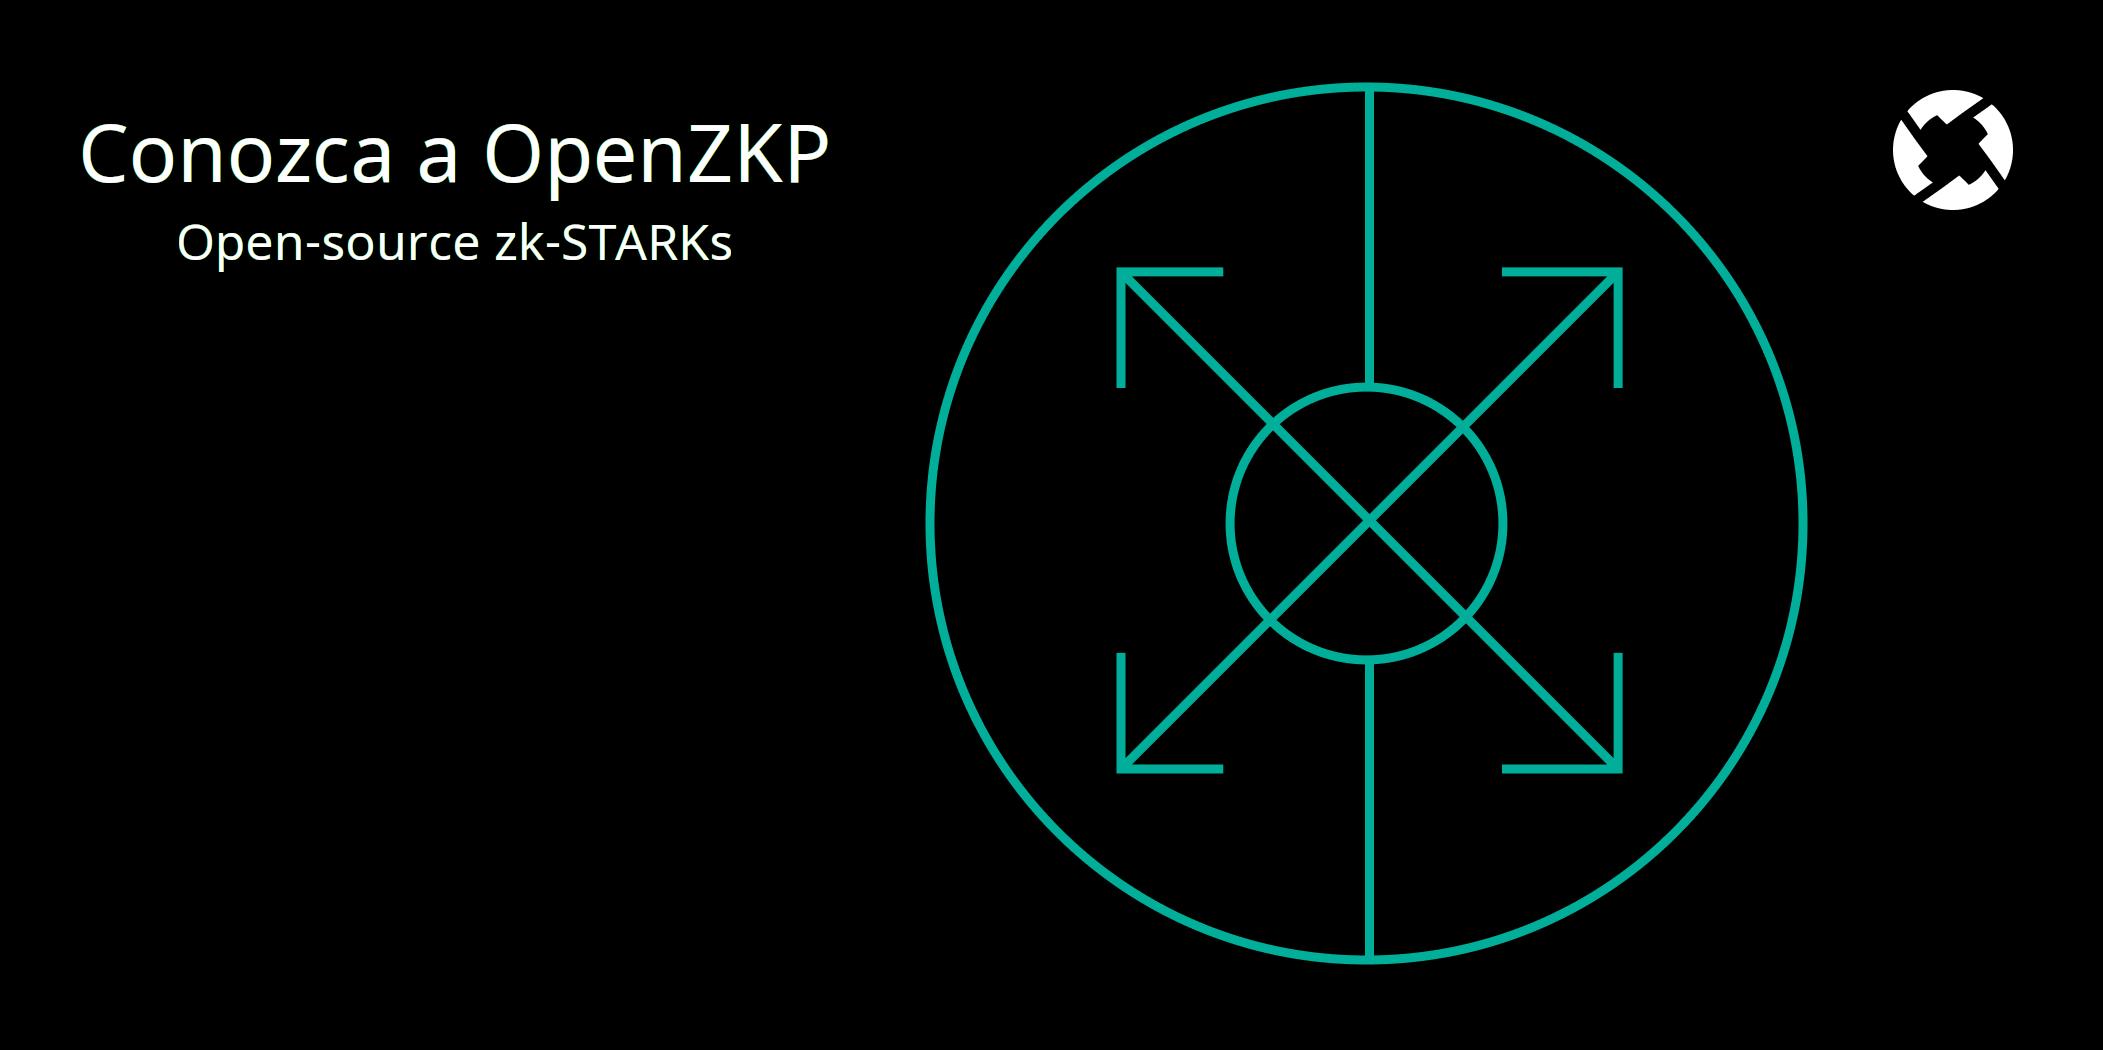 OpenZKP